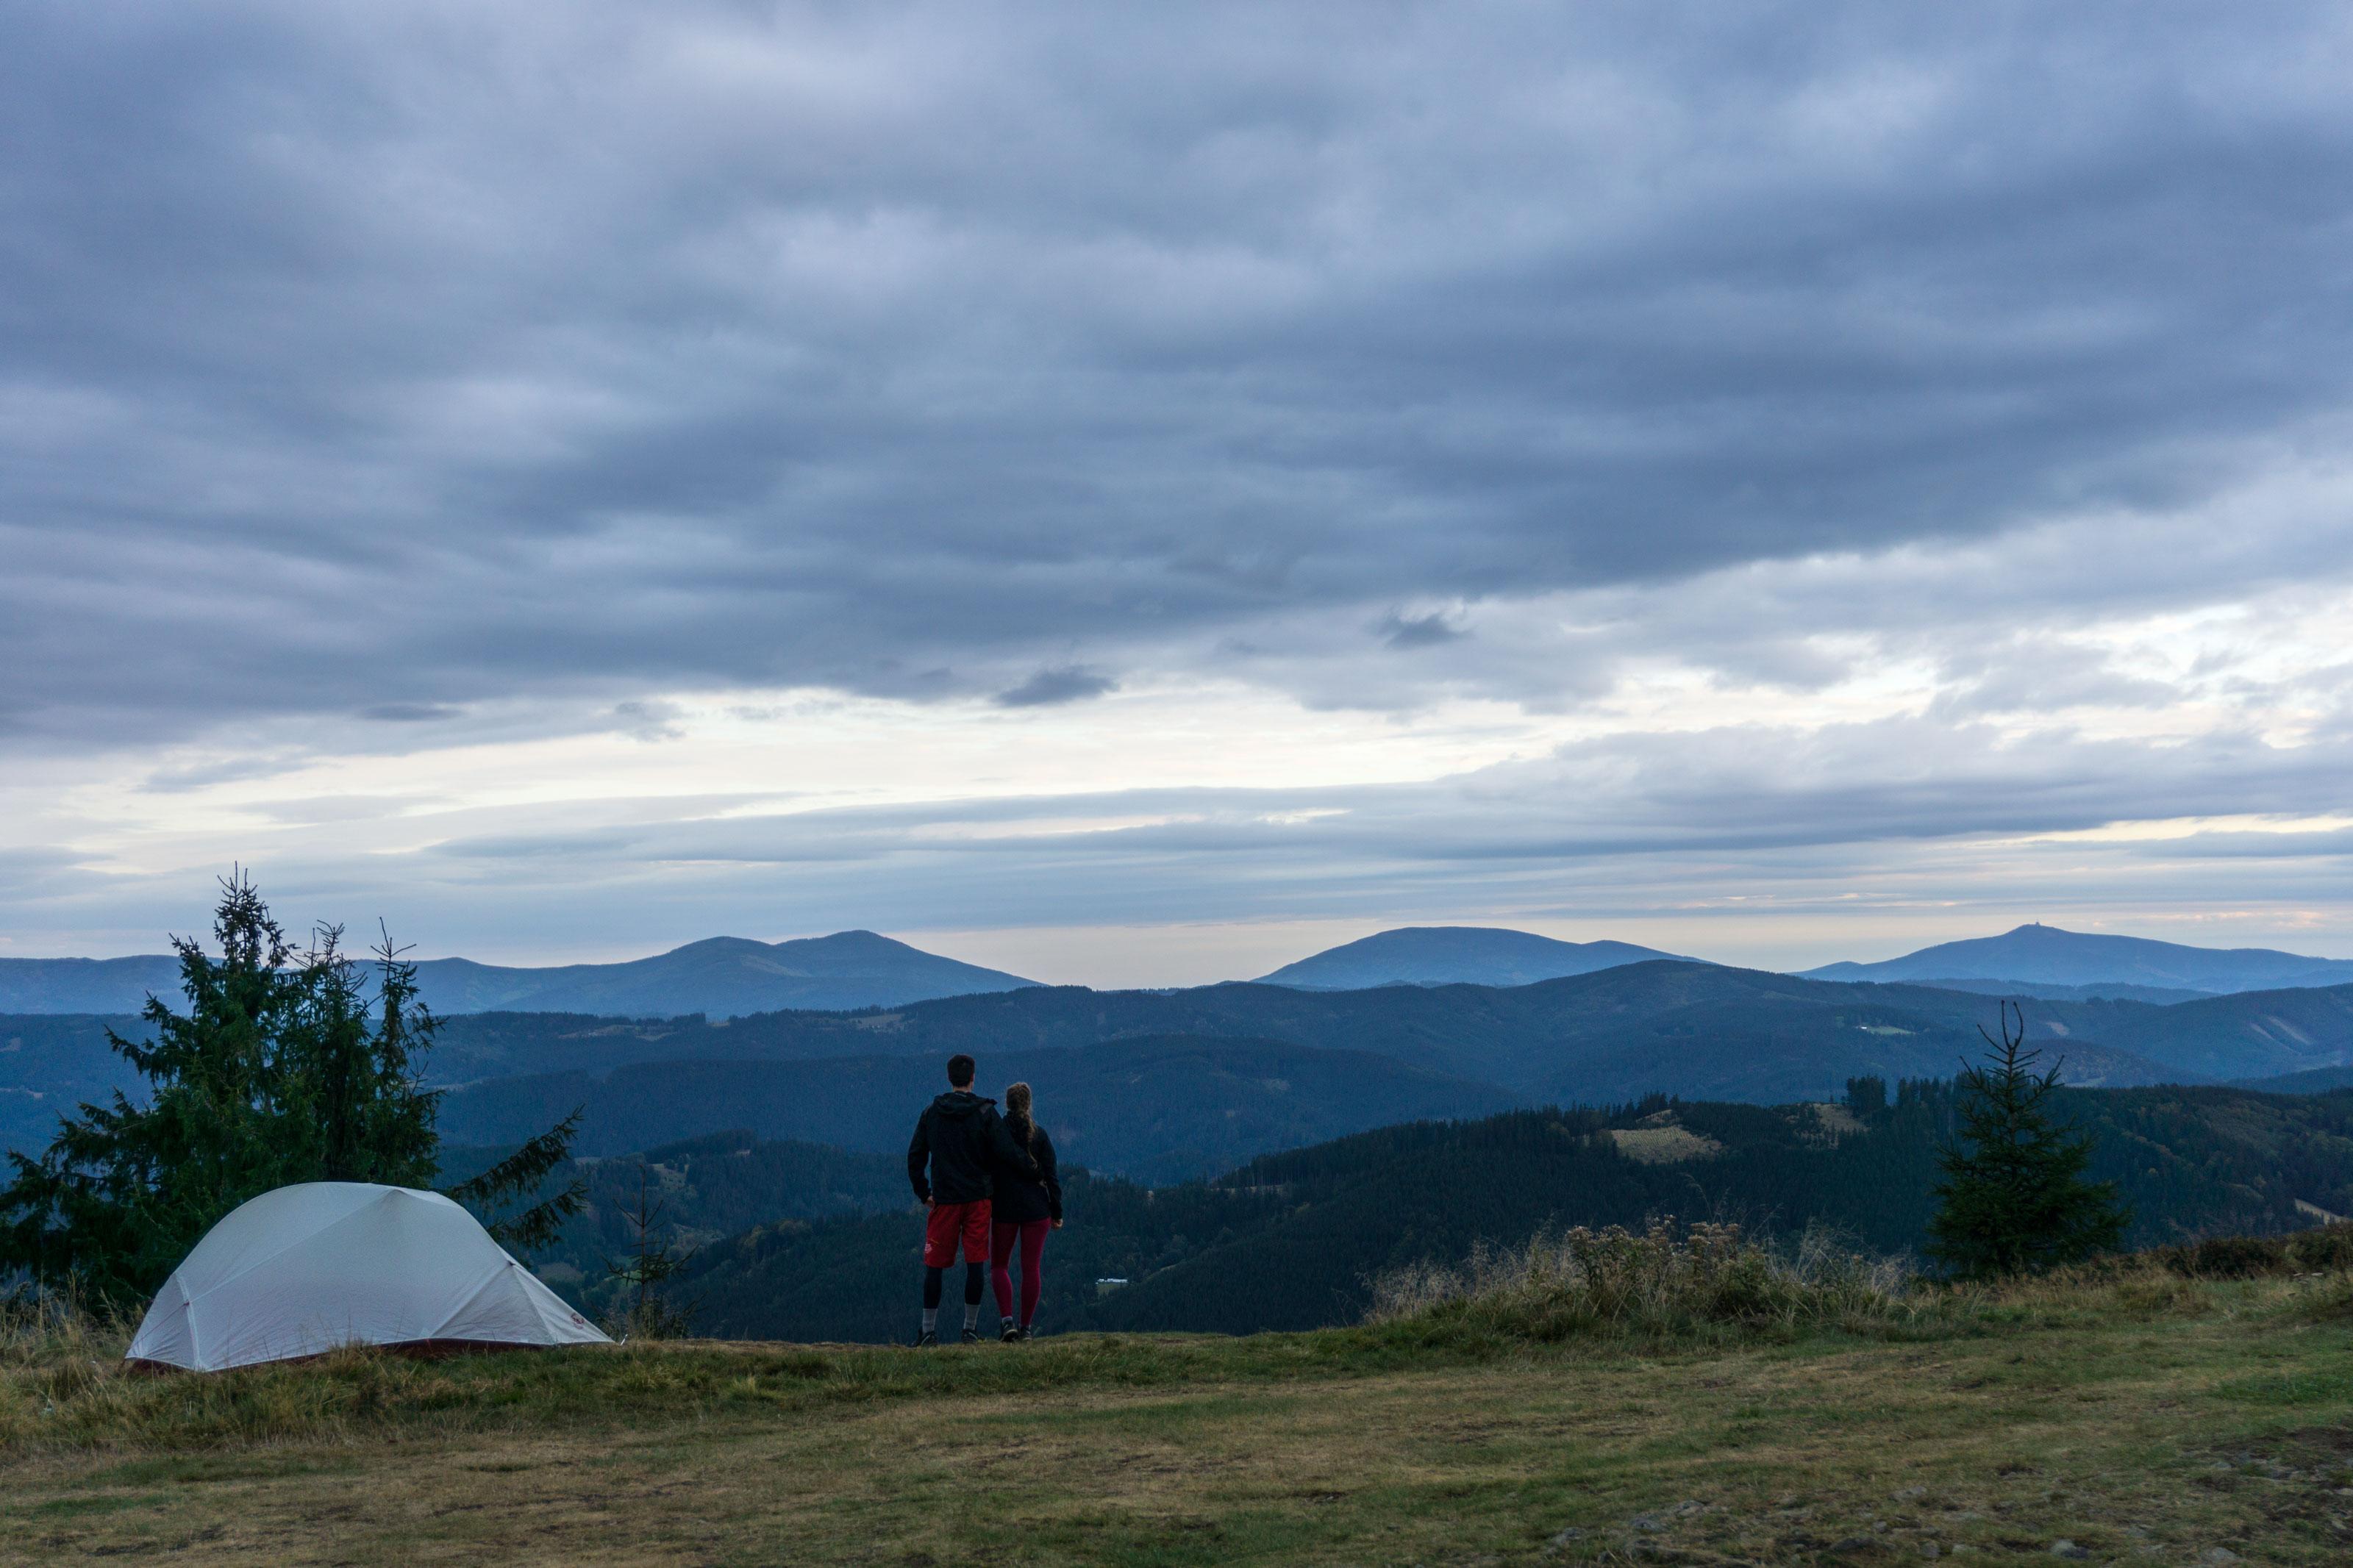 Podzimní putování se stanem po hřebenech Javorníků a Vsetínských vrchů